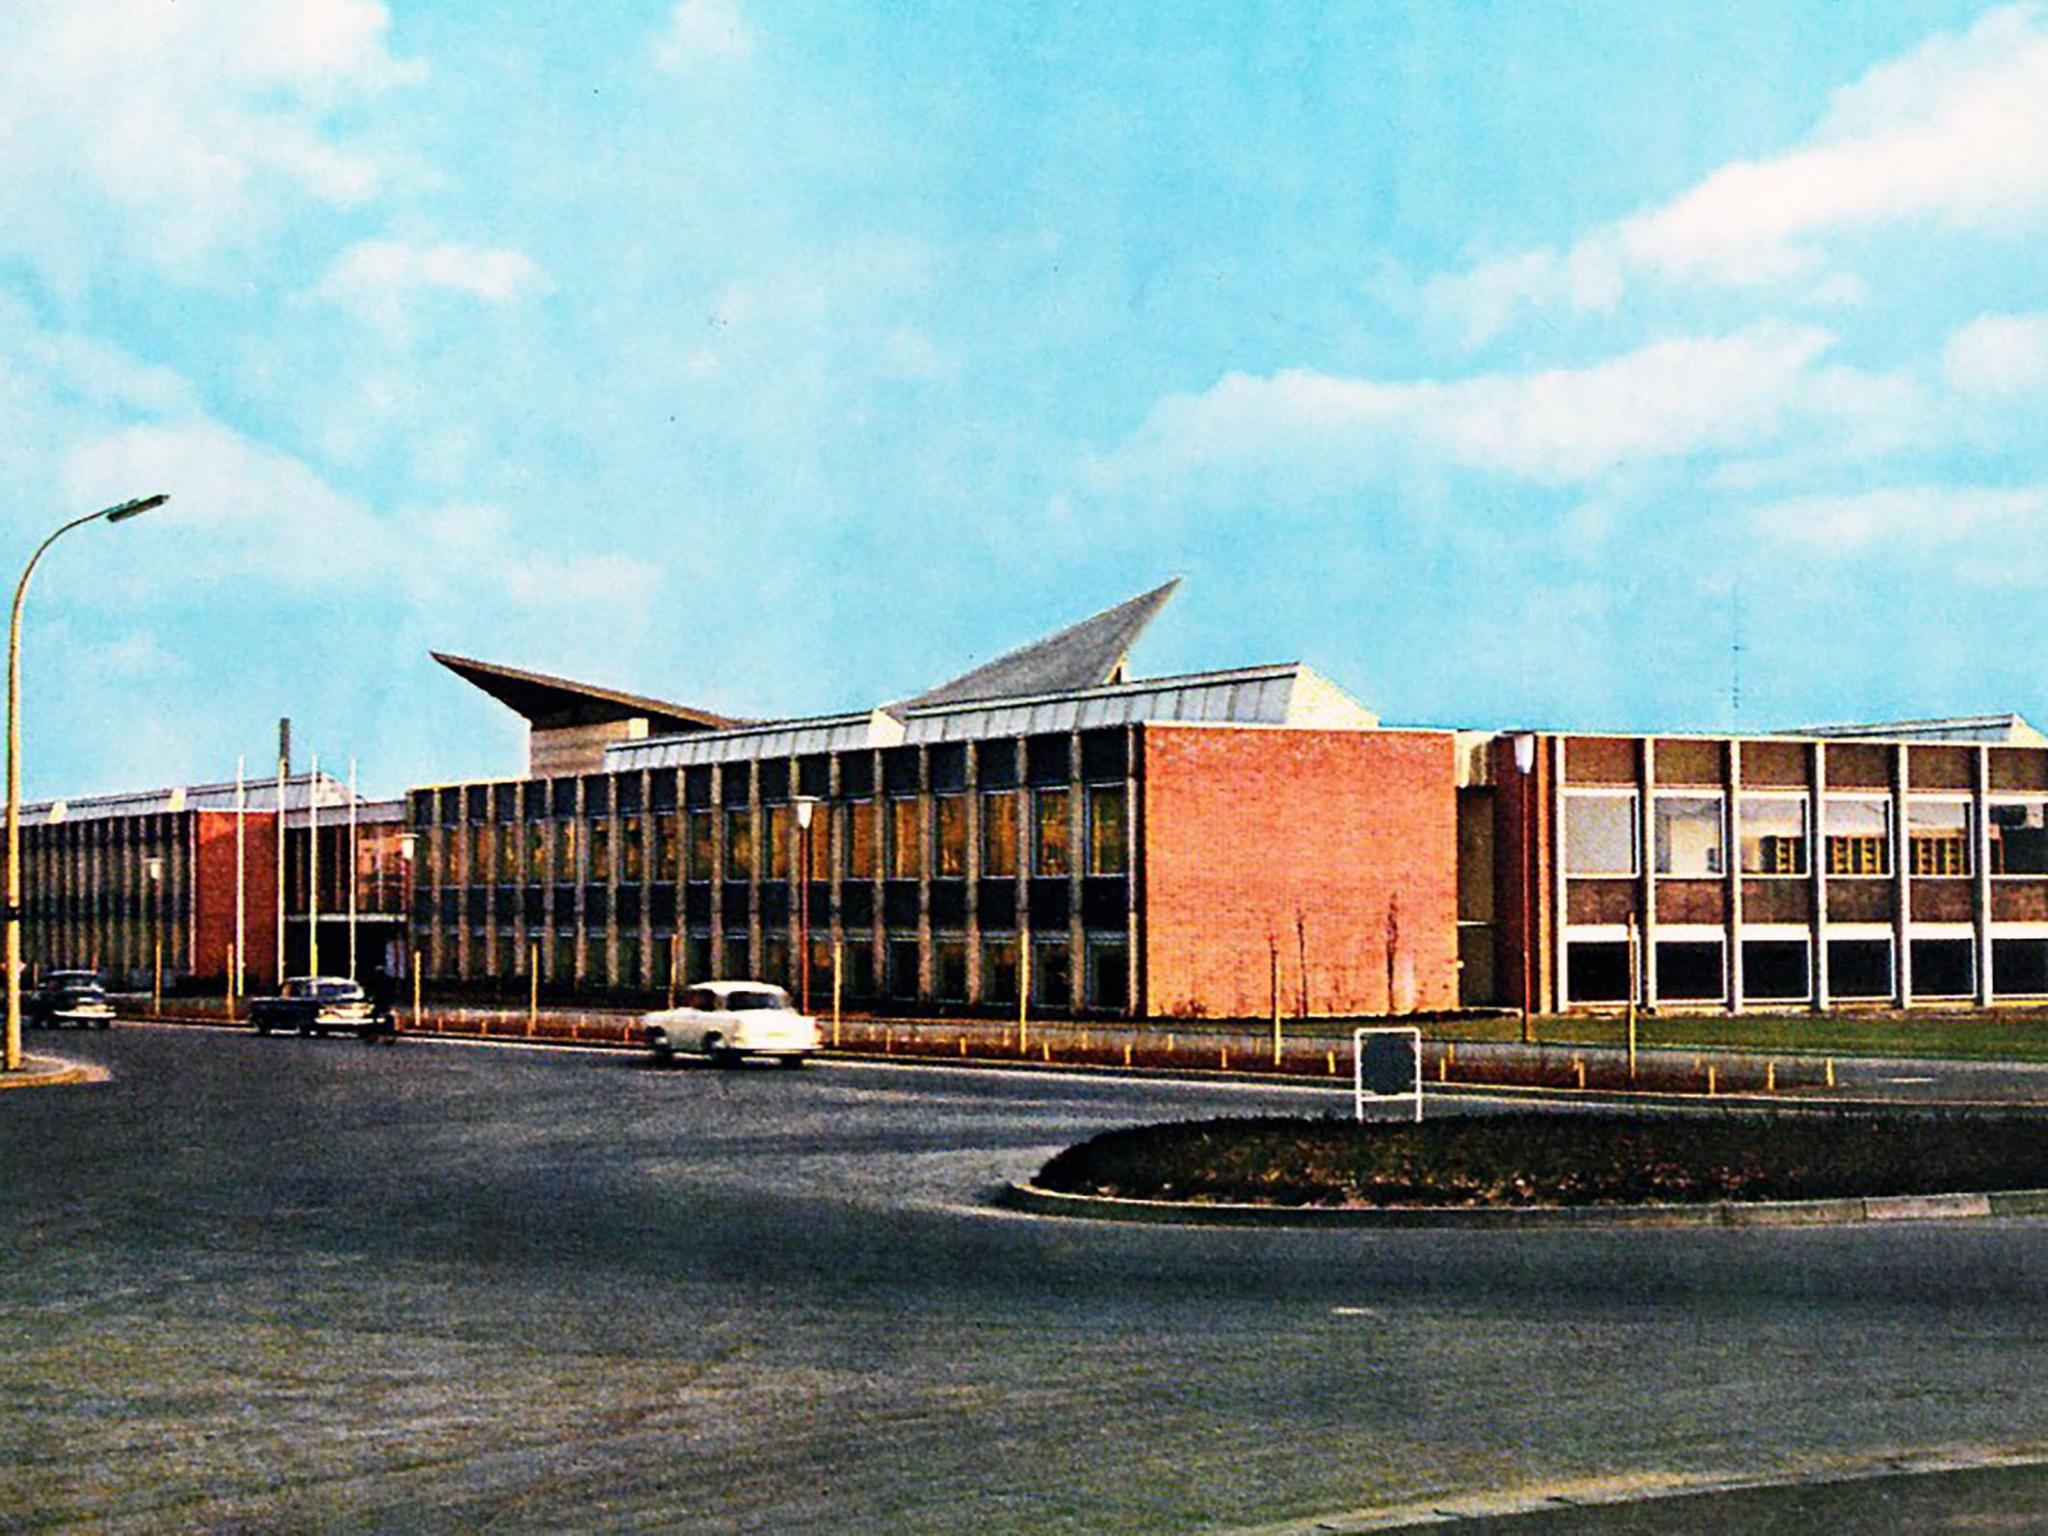 Foto des charakteristischen Gebäudes in der Ignaz- Schön-Straße 11 aus der Chronik des Balthasar- Neumann-Polytechnikums am Standort in Schweinfurt 1963. Foto: FHWS-Archiv